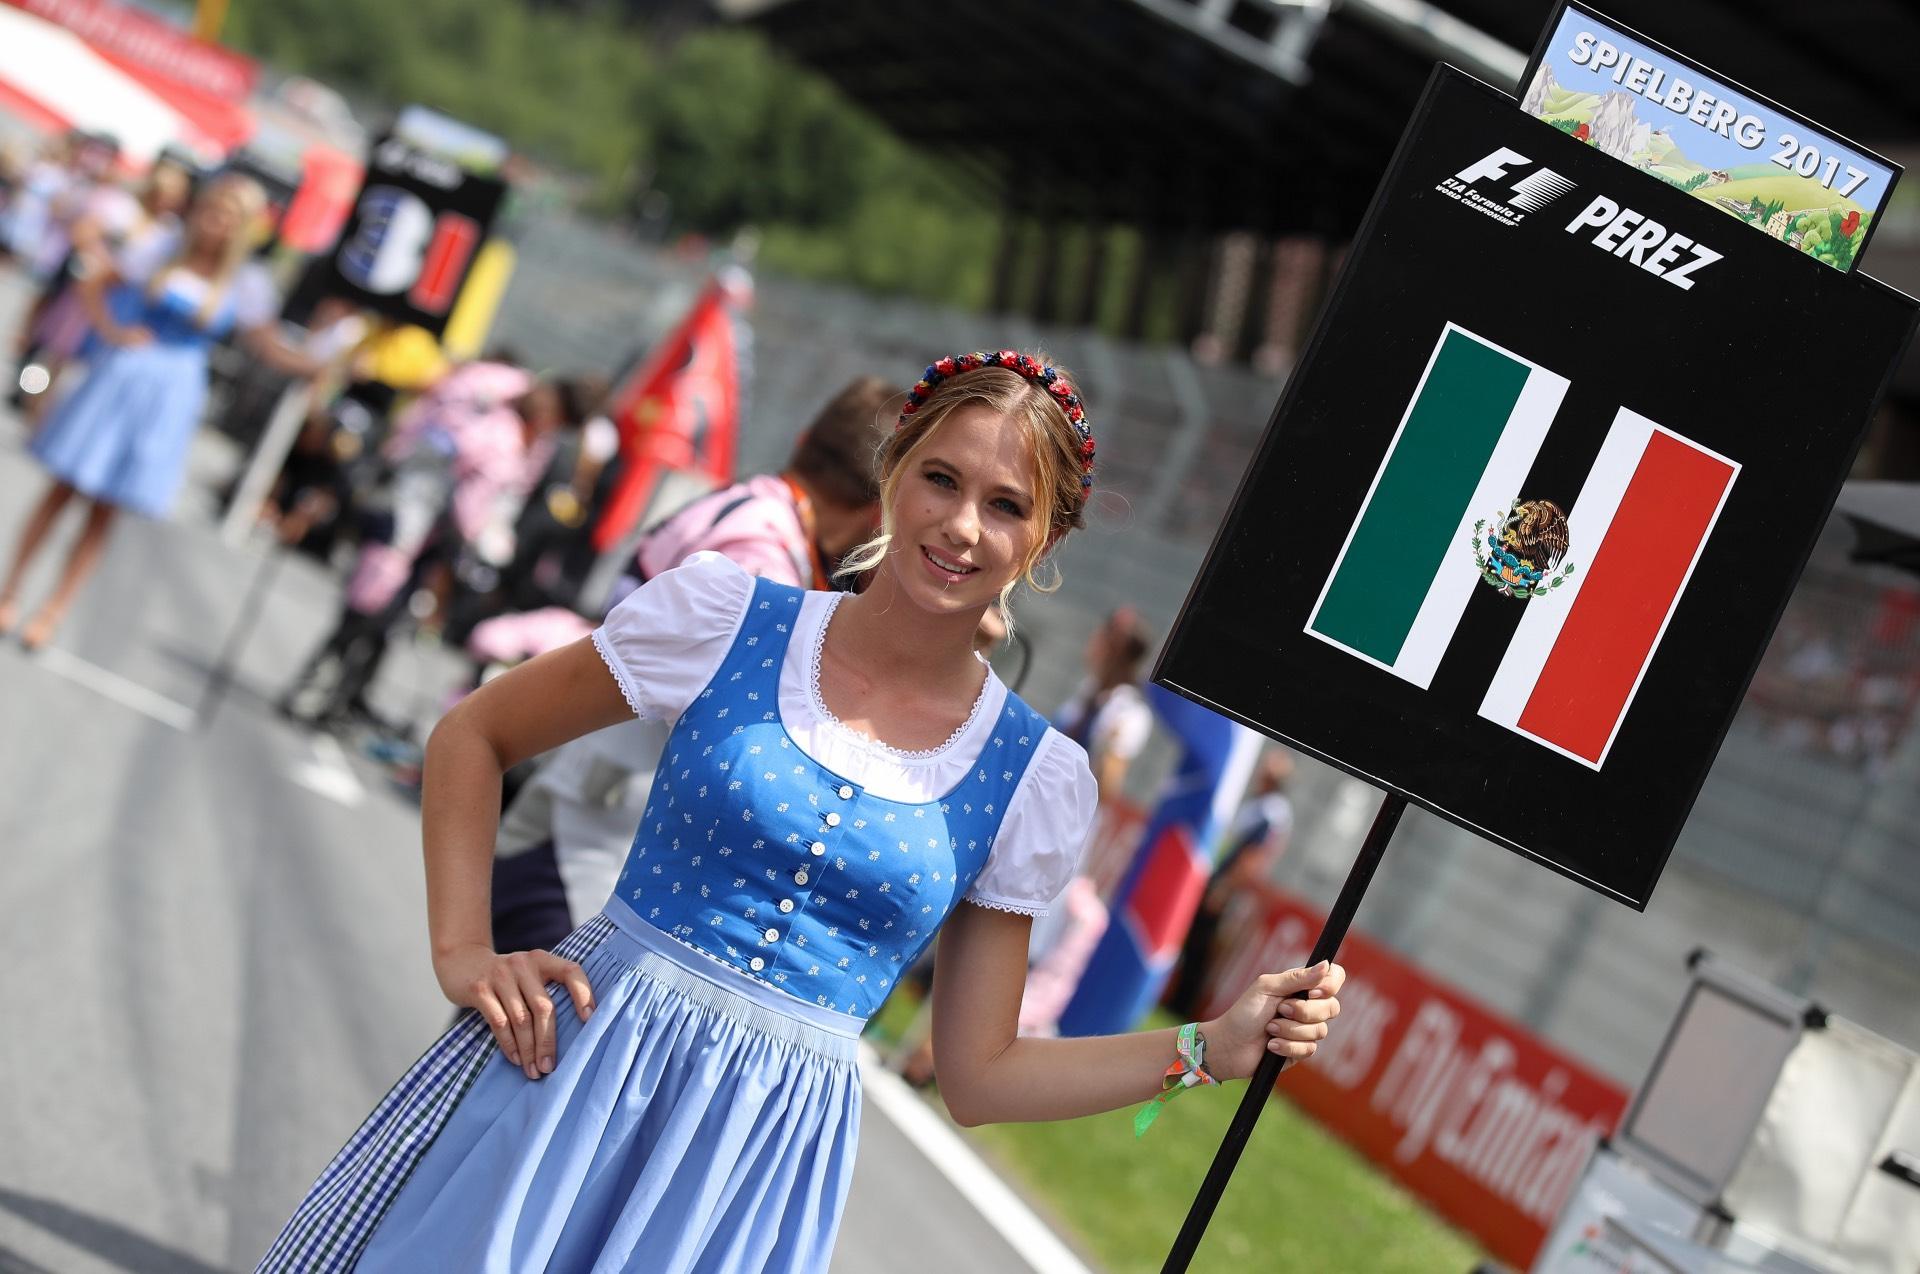 FORMULA 1 - GP of Austria 2017